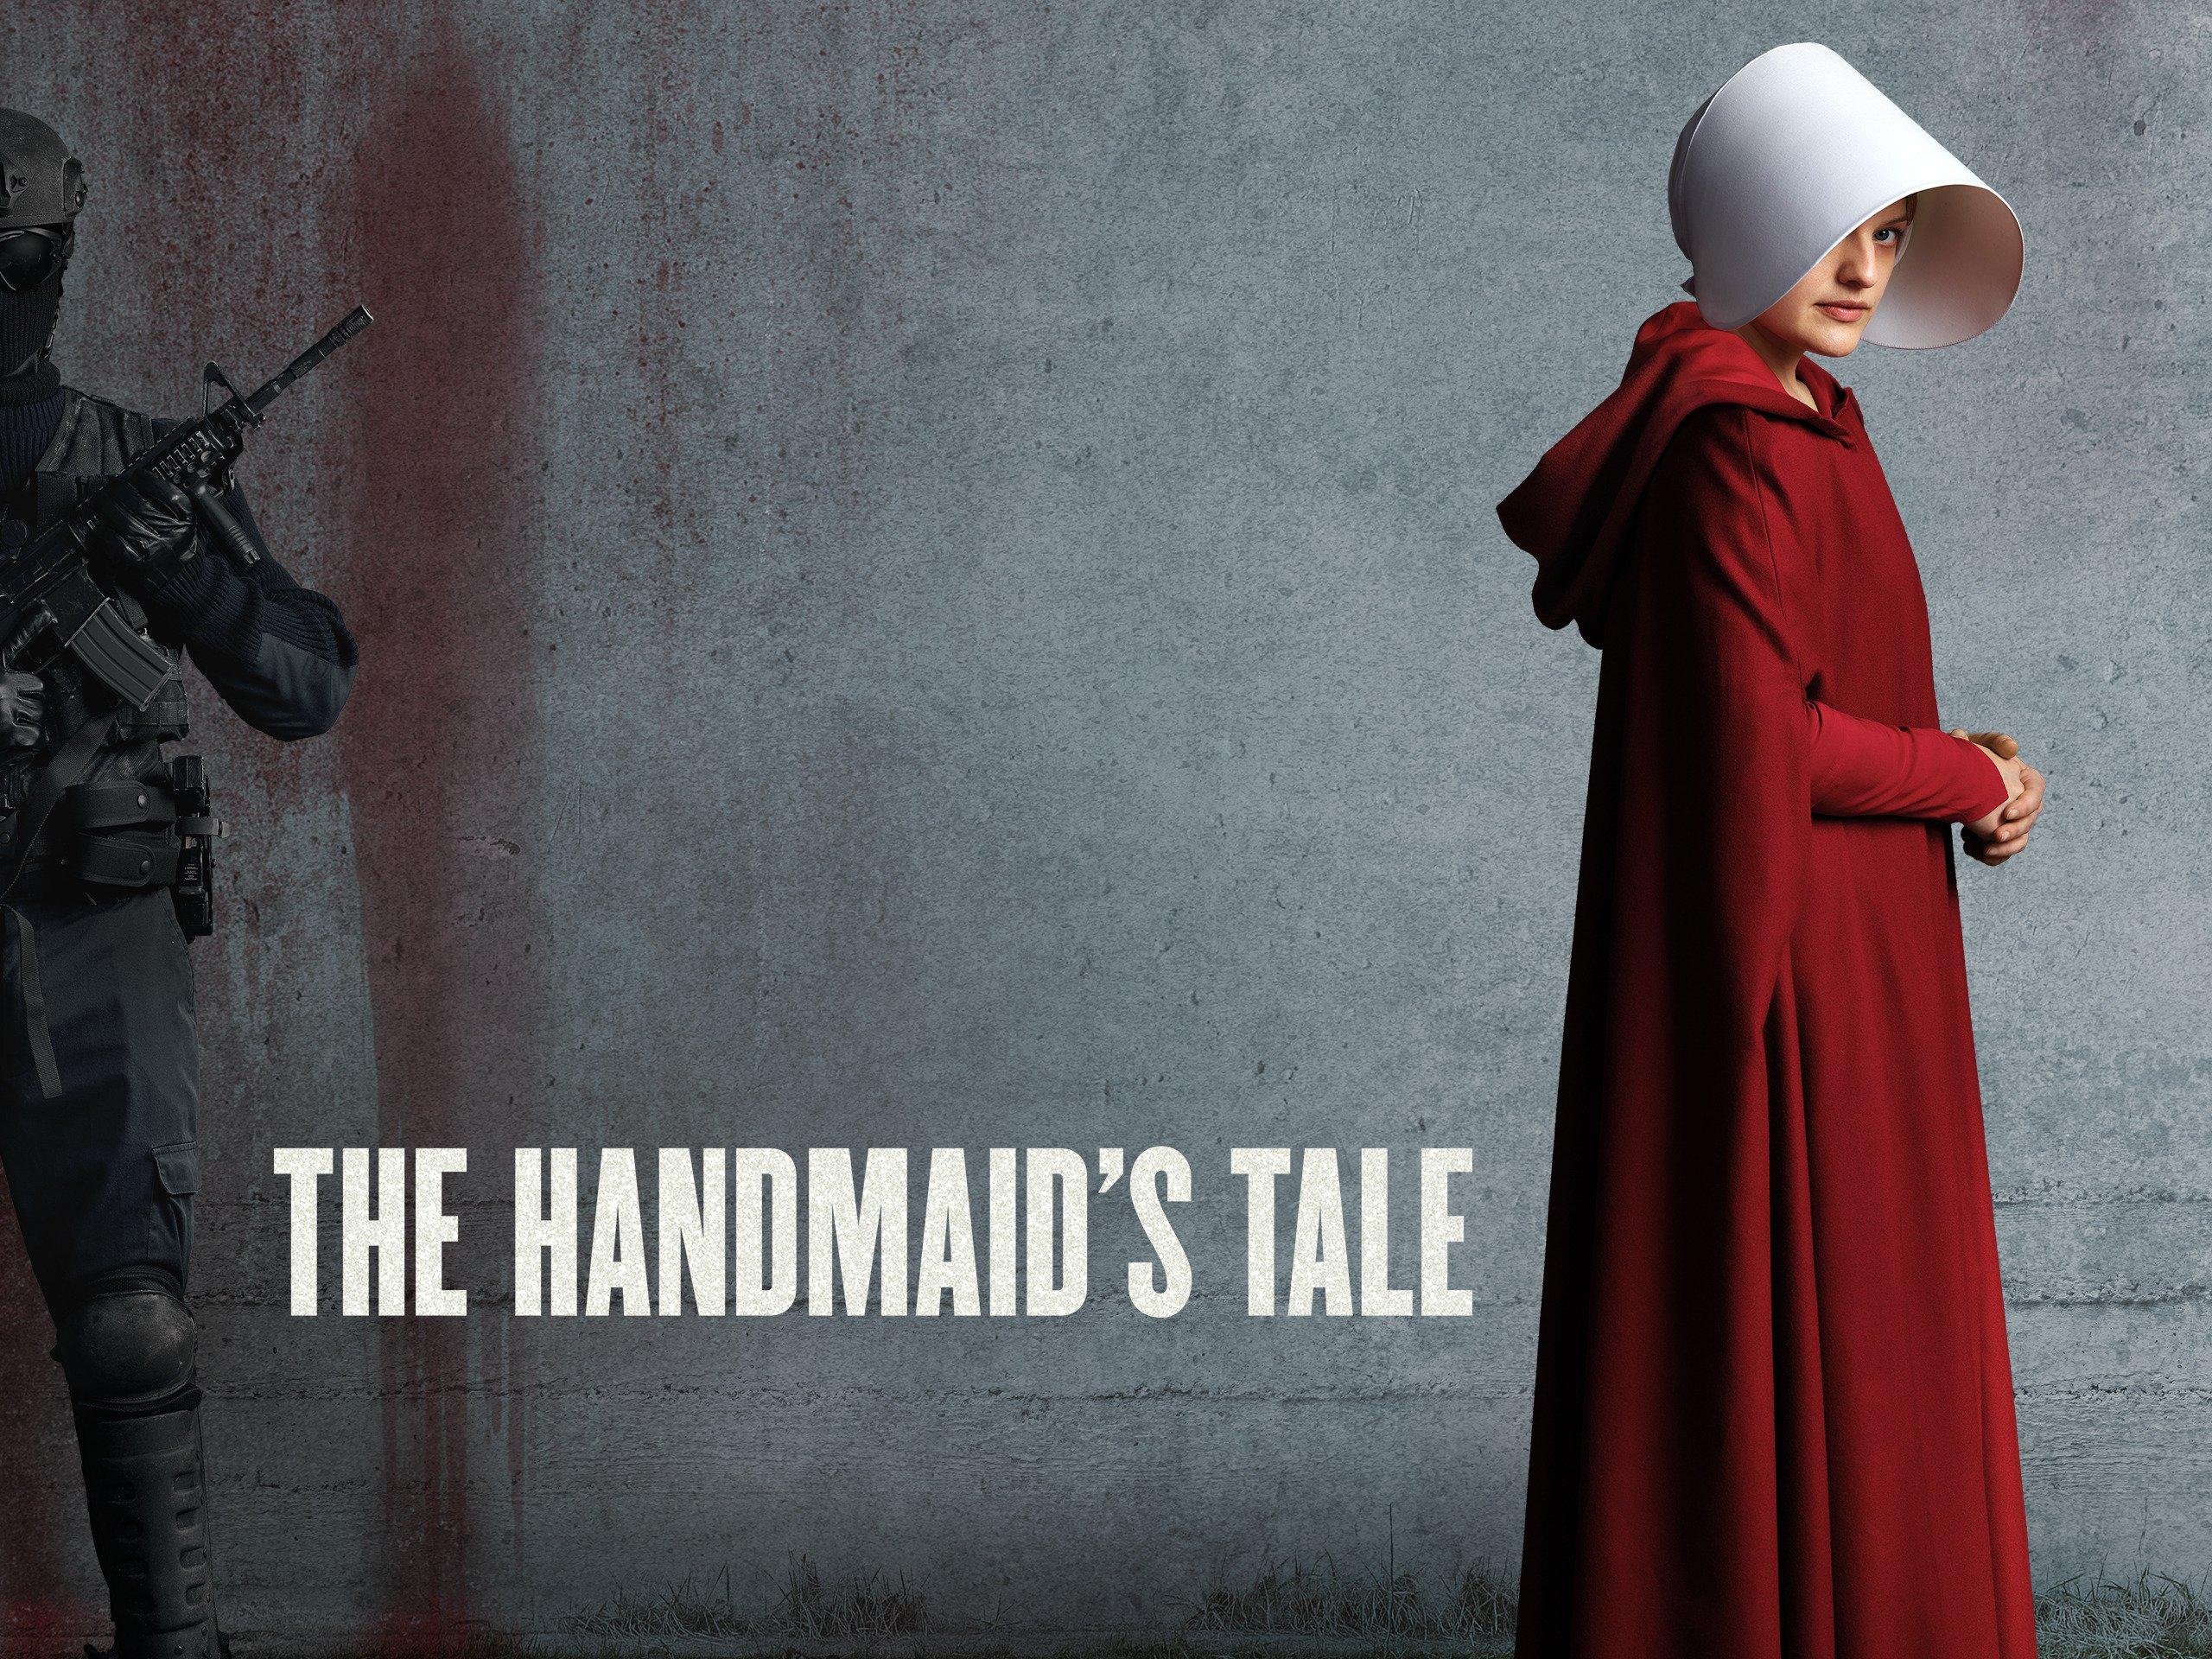 La série de l'année, The Handmaid's Tale, est de retour